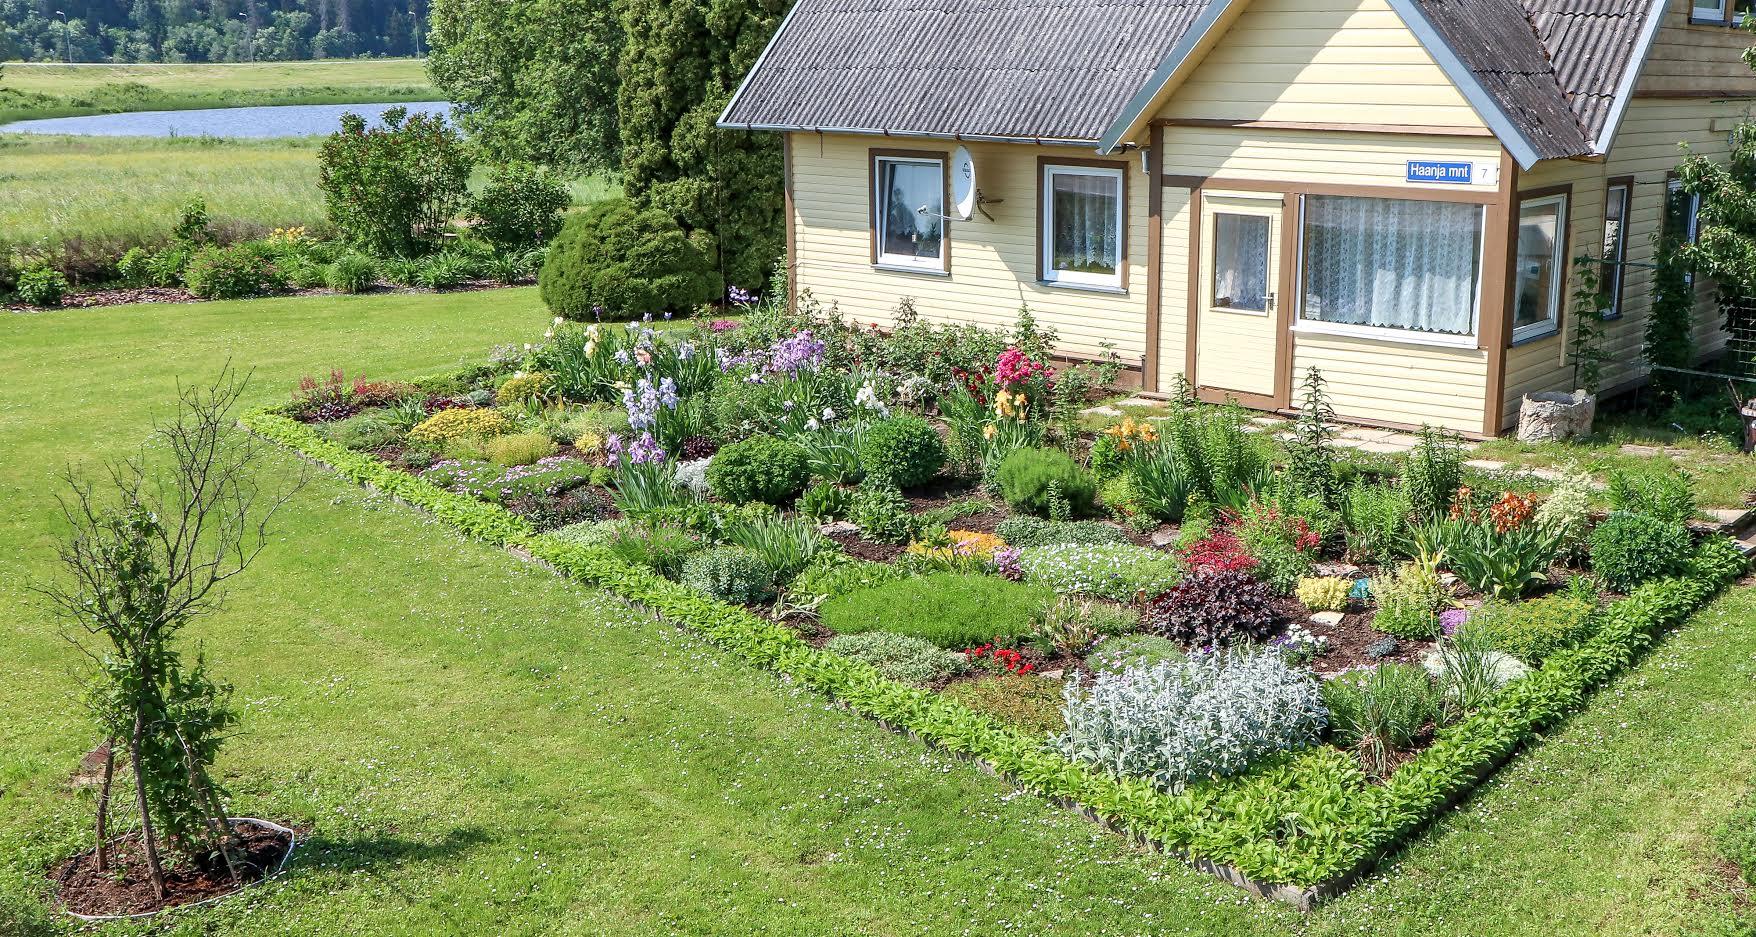 7f0351c60d1 FOTOD Maie Kurvitsa lillelises sanatooriumis kasvab ligi 200 taime